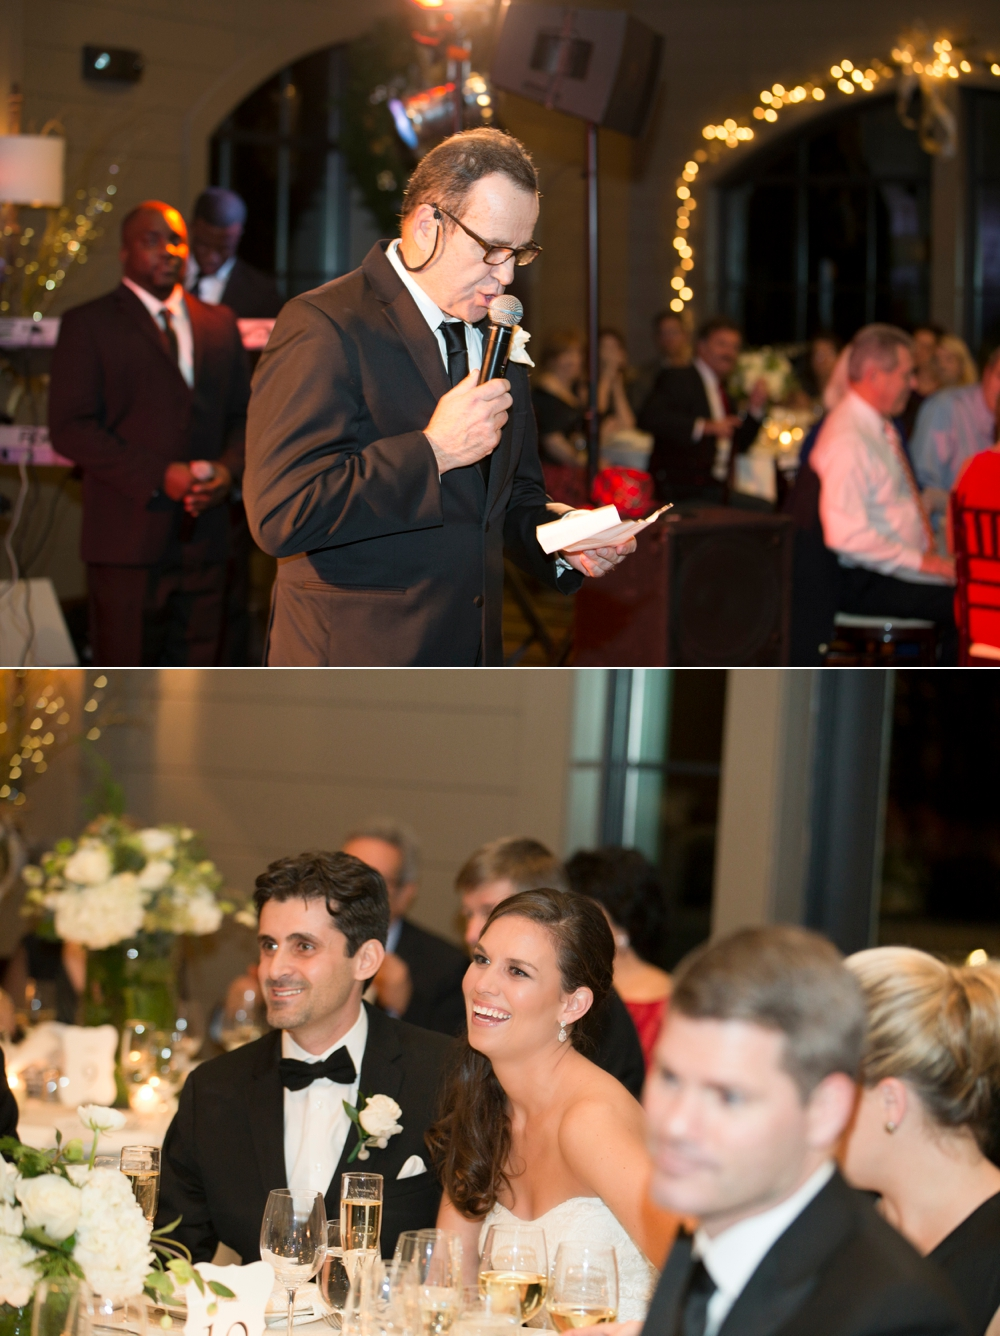 LaBelleWinery_Wedding_Kim&George_0041.jpg